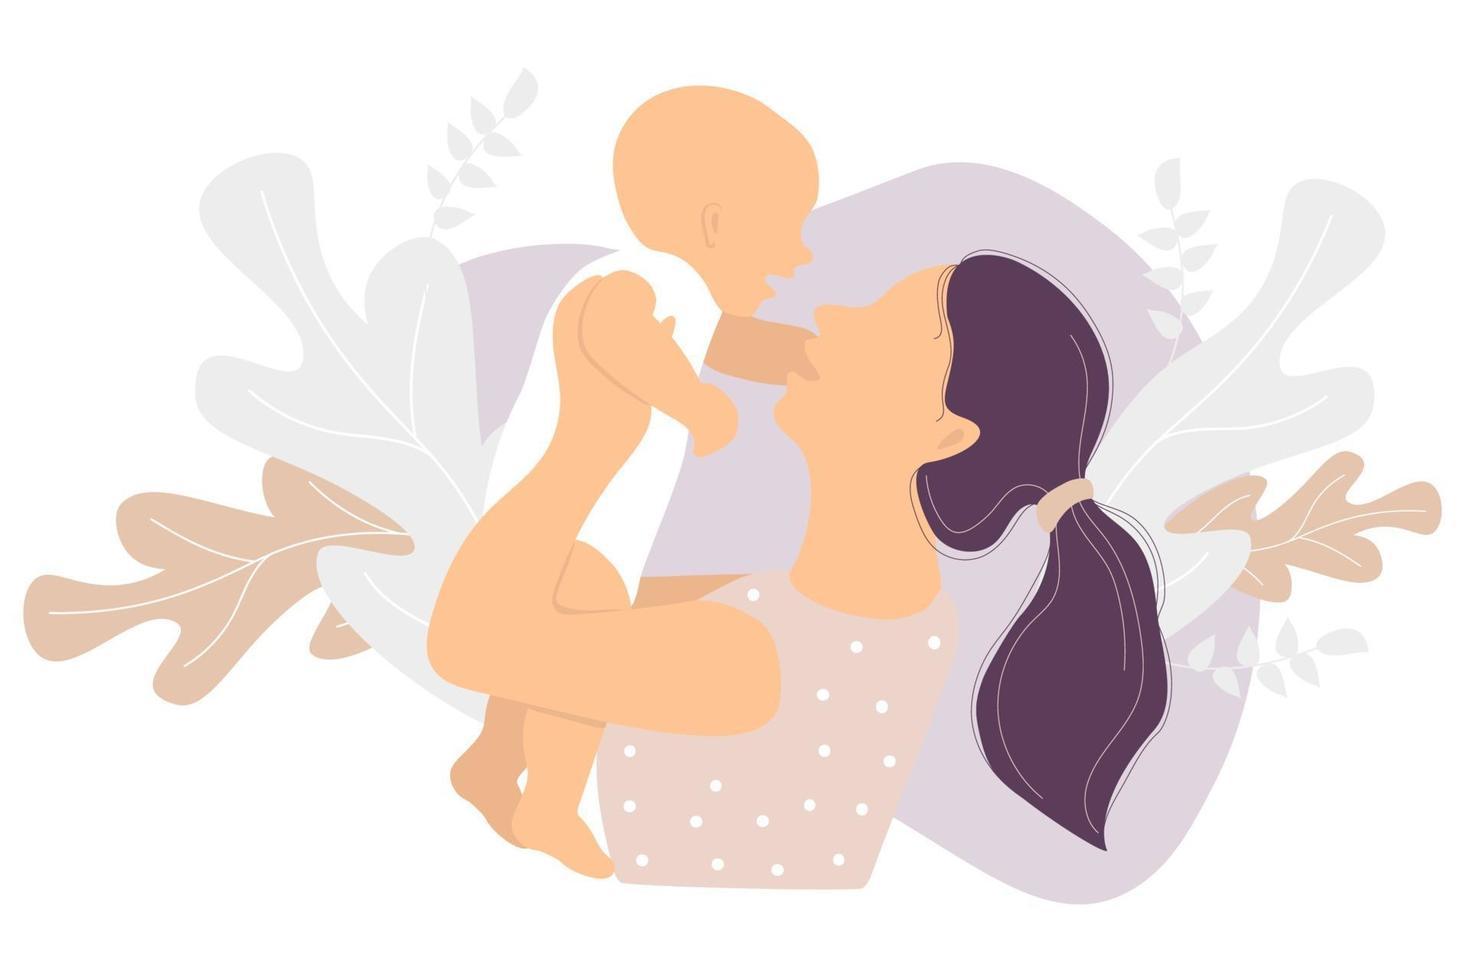 maternidade. mulher feliz e uma criança pequena nos braços no contexto de uma decoração tropical de folhas e plantas. ilustração vetorial. conceito - nova vida e mãe e bebê felizes. ilustração plana vetor